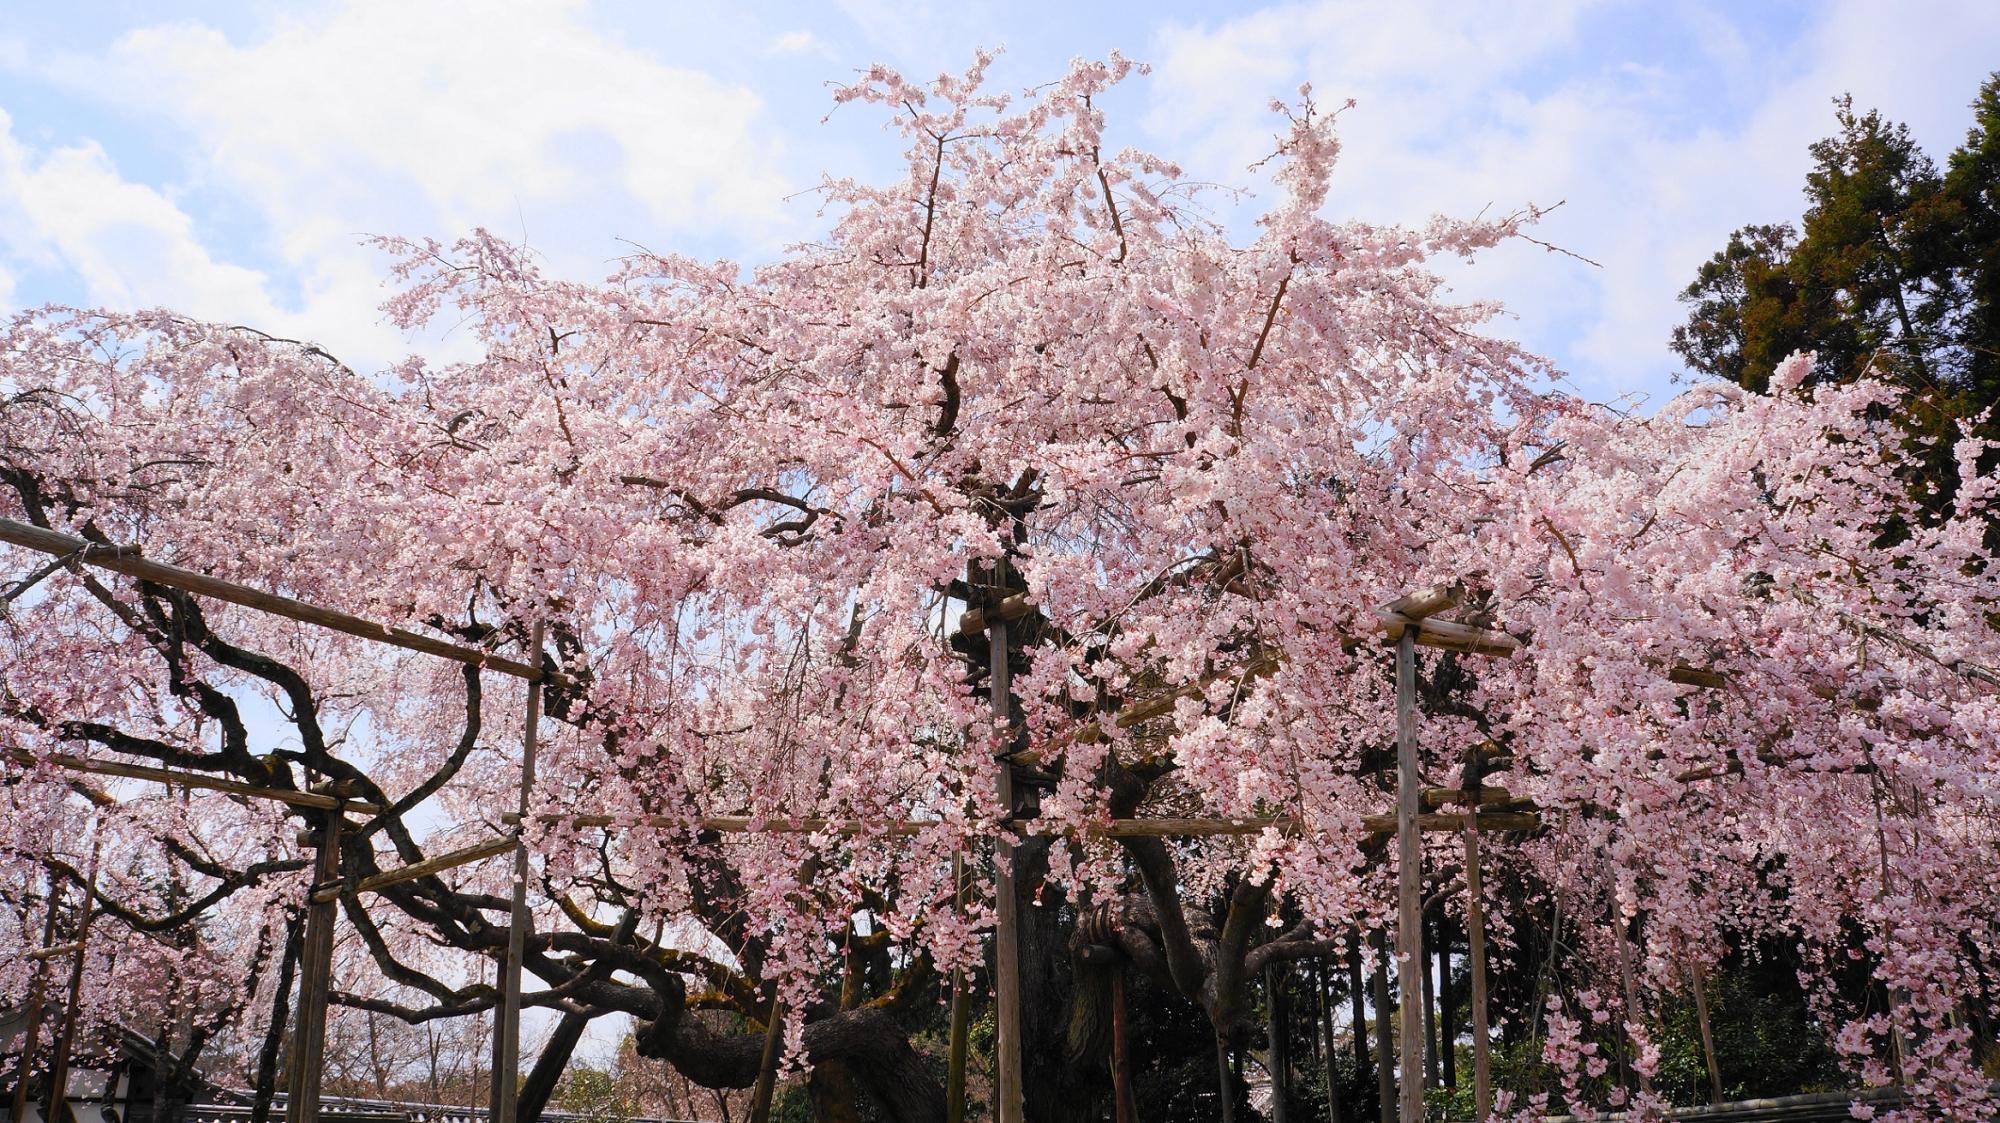 醍醐寺 三宝院 太閤しだれ桜 満開 春